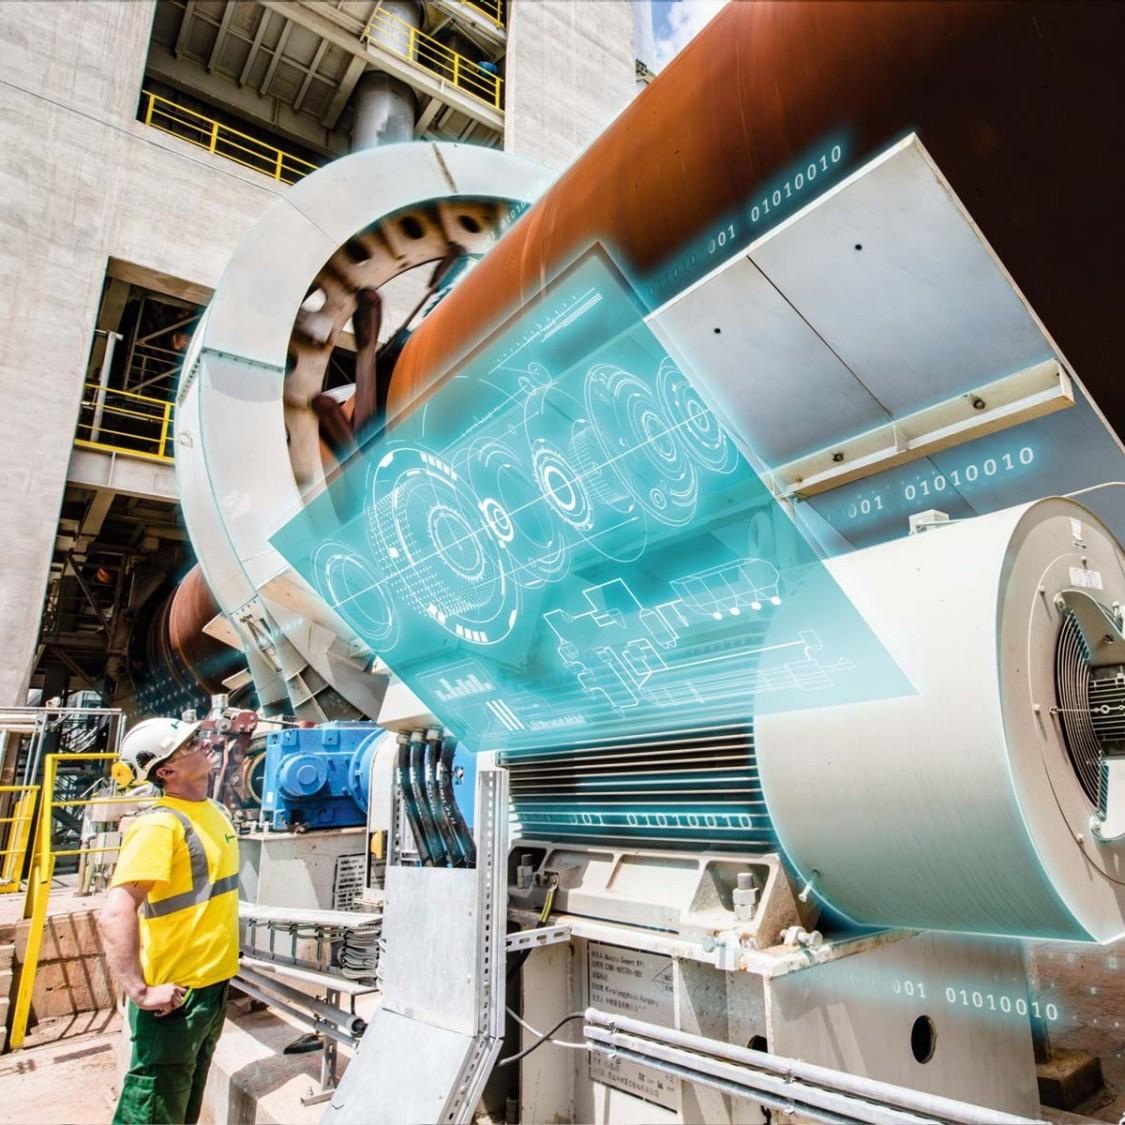 Leia sobre: Recuperadoras de rodas de caçamba para a mina Roy Hill / Digitalização em cimento / Aumento da capacidade em St Marys Cement.